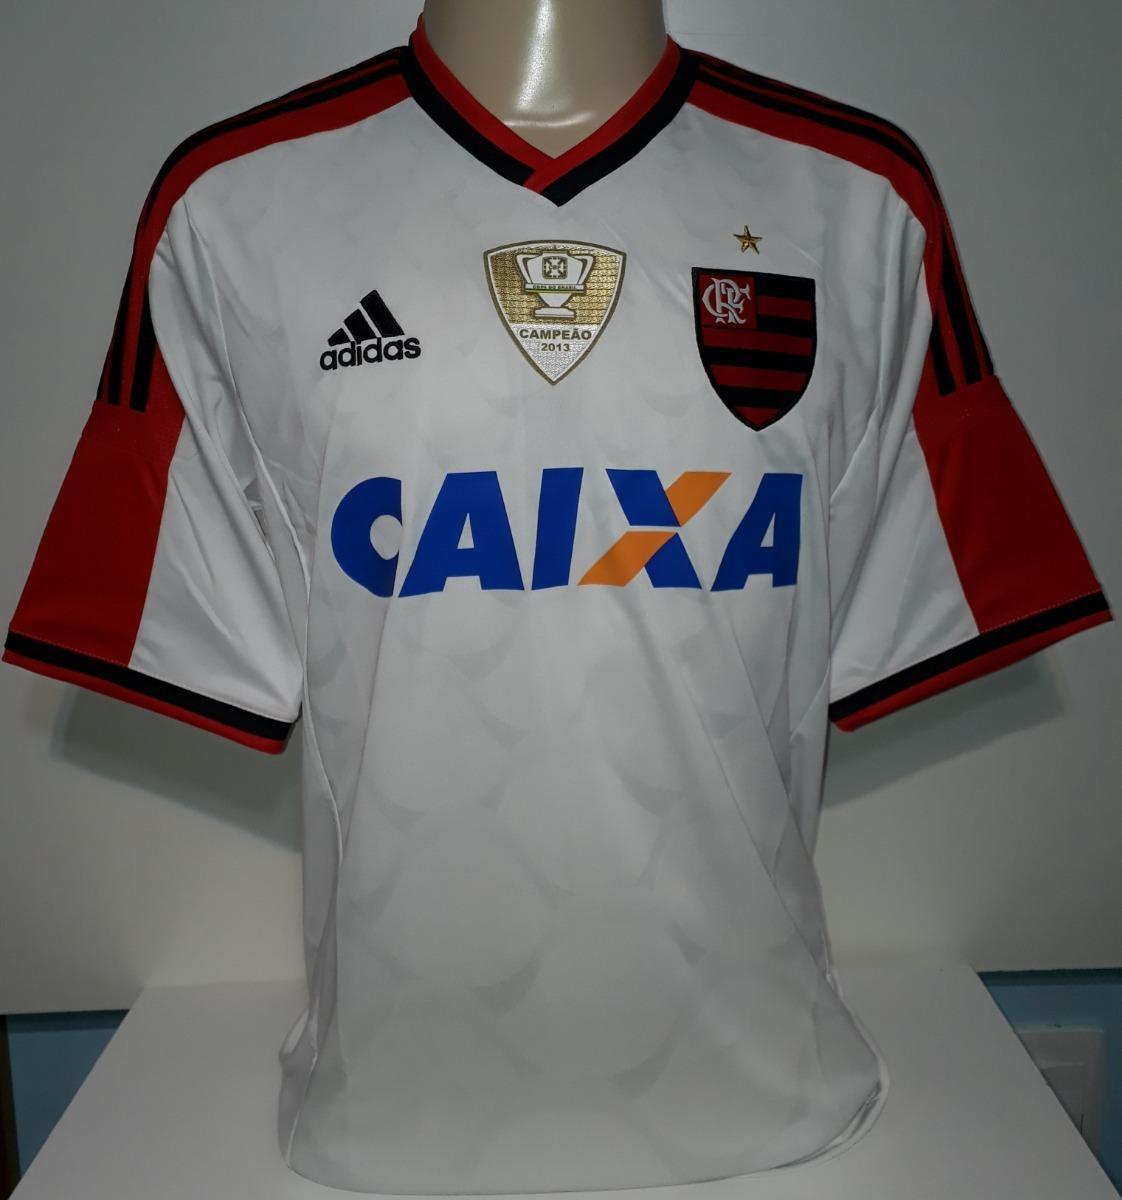 91607cd443 Camisa Flamengo 2013 Campeão Copa Brasil Original adidas- 02 - R ...